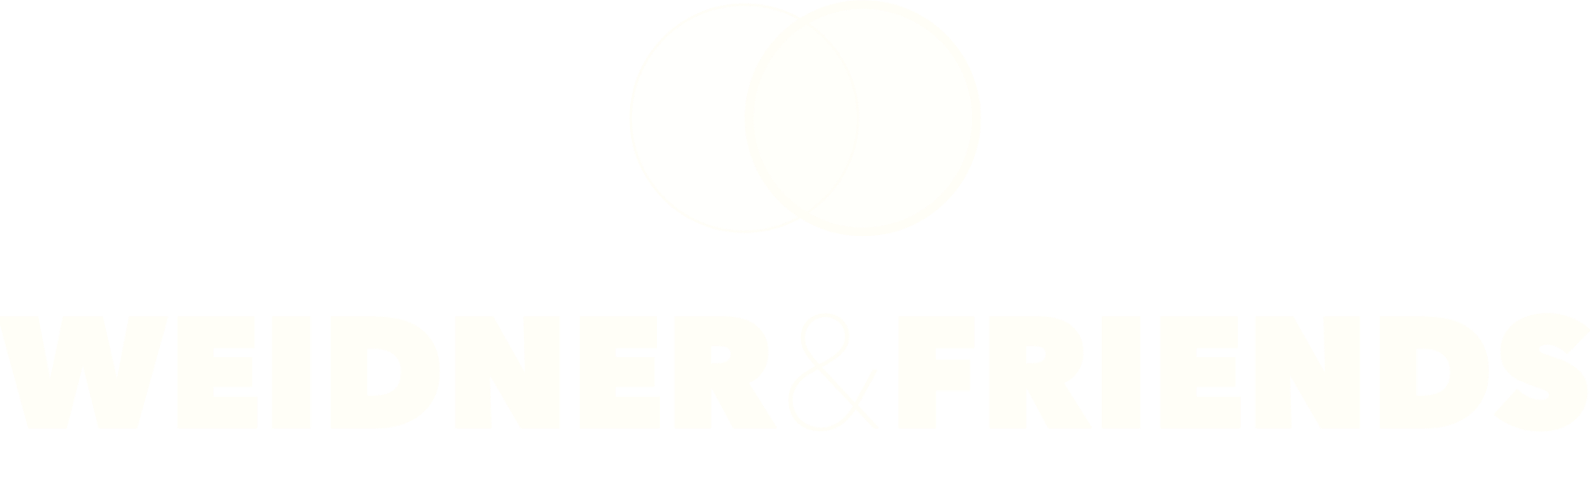 Weidner-Ventures-Footer